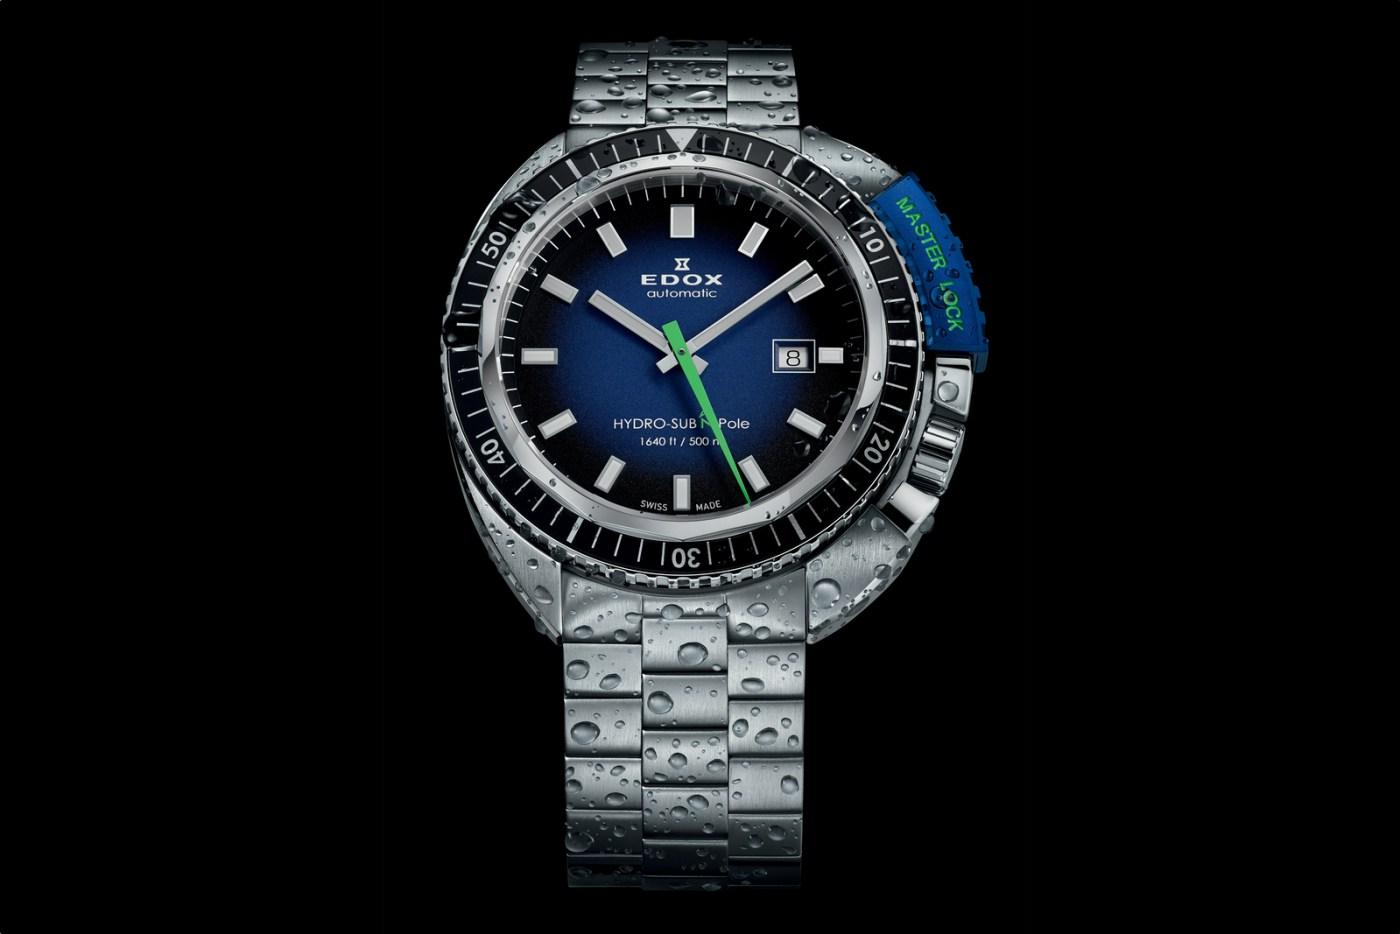 Edox Hydro-Sub Limited Edition ($2,395)